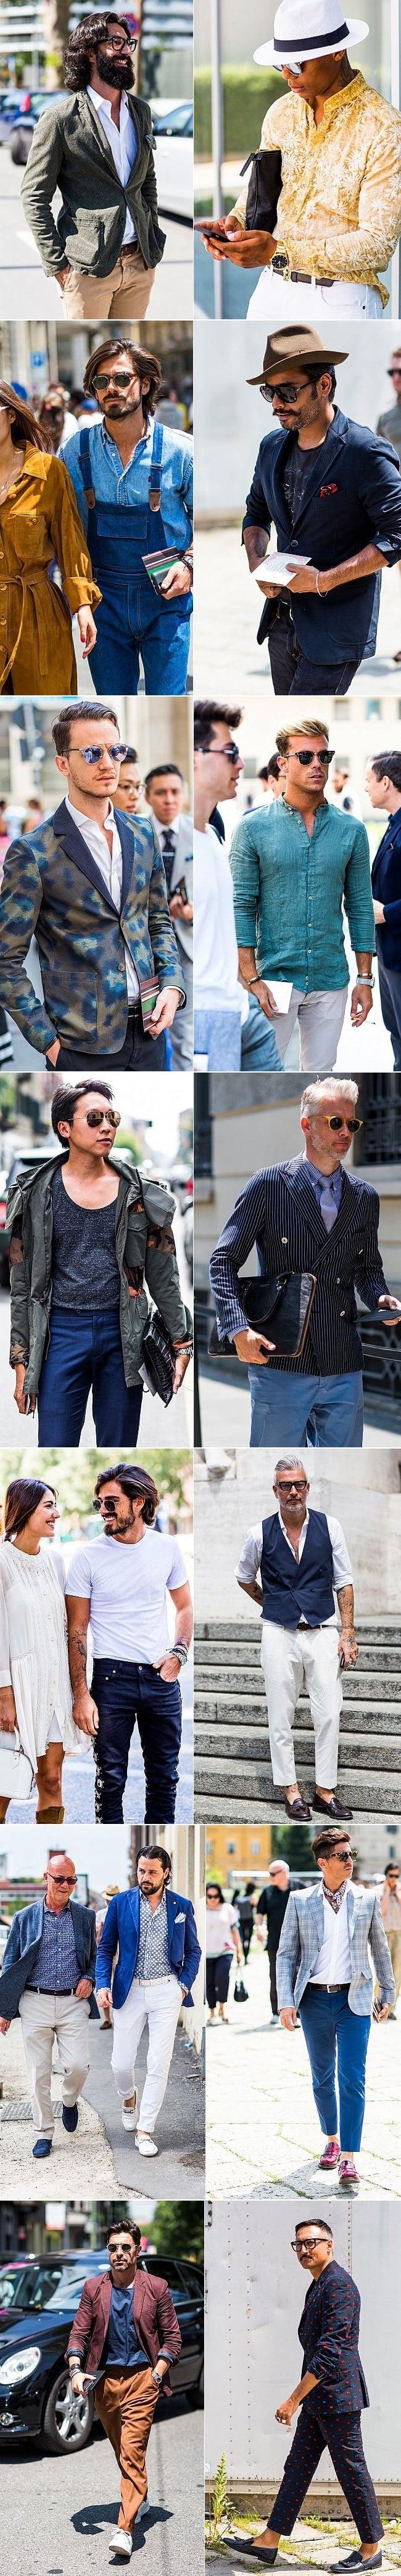 Street Style Direto da Semana de Moda Masculina de Milão Primavera-Verão 2016 4